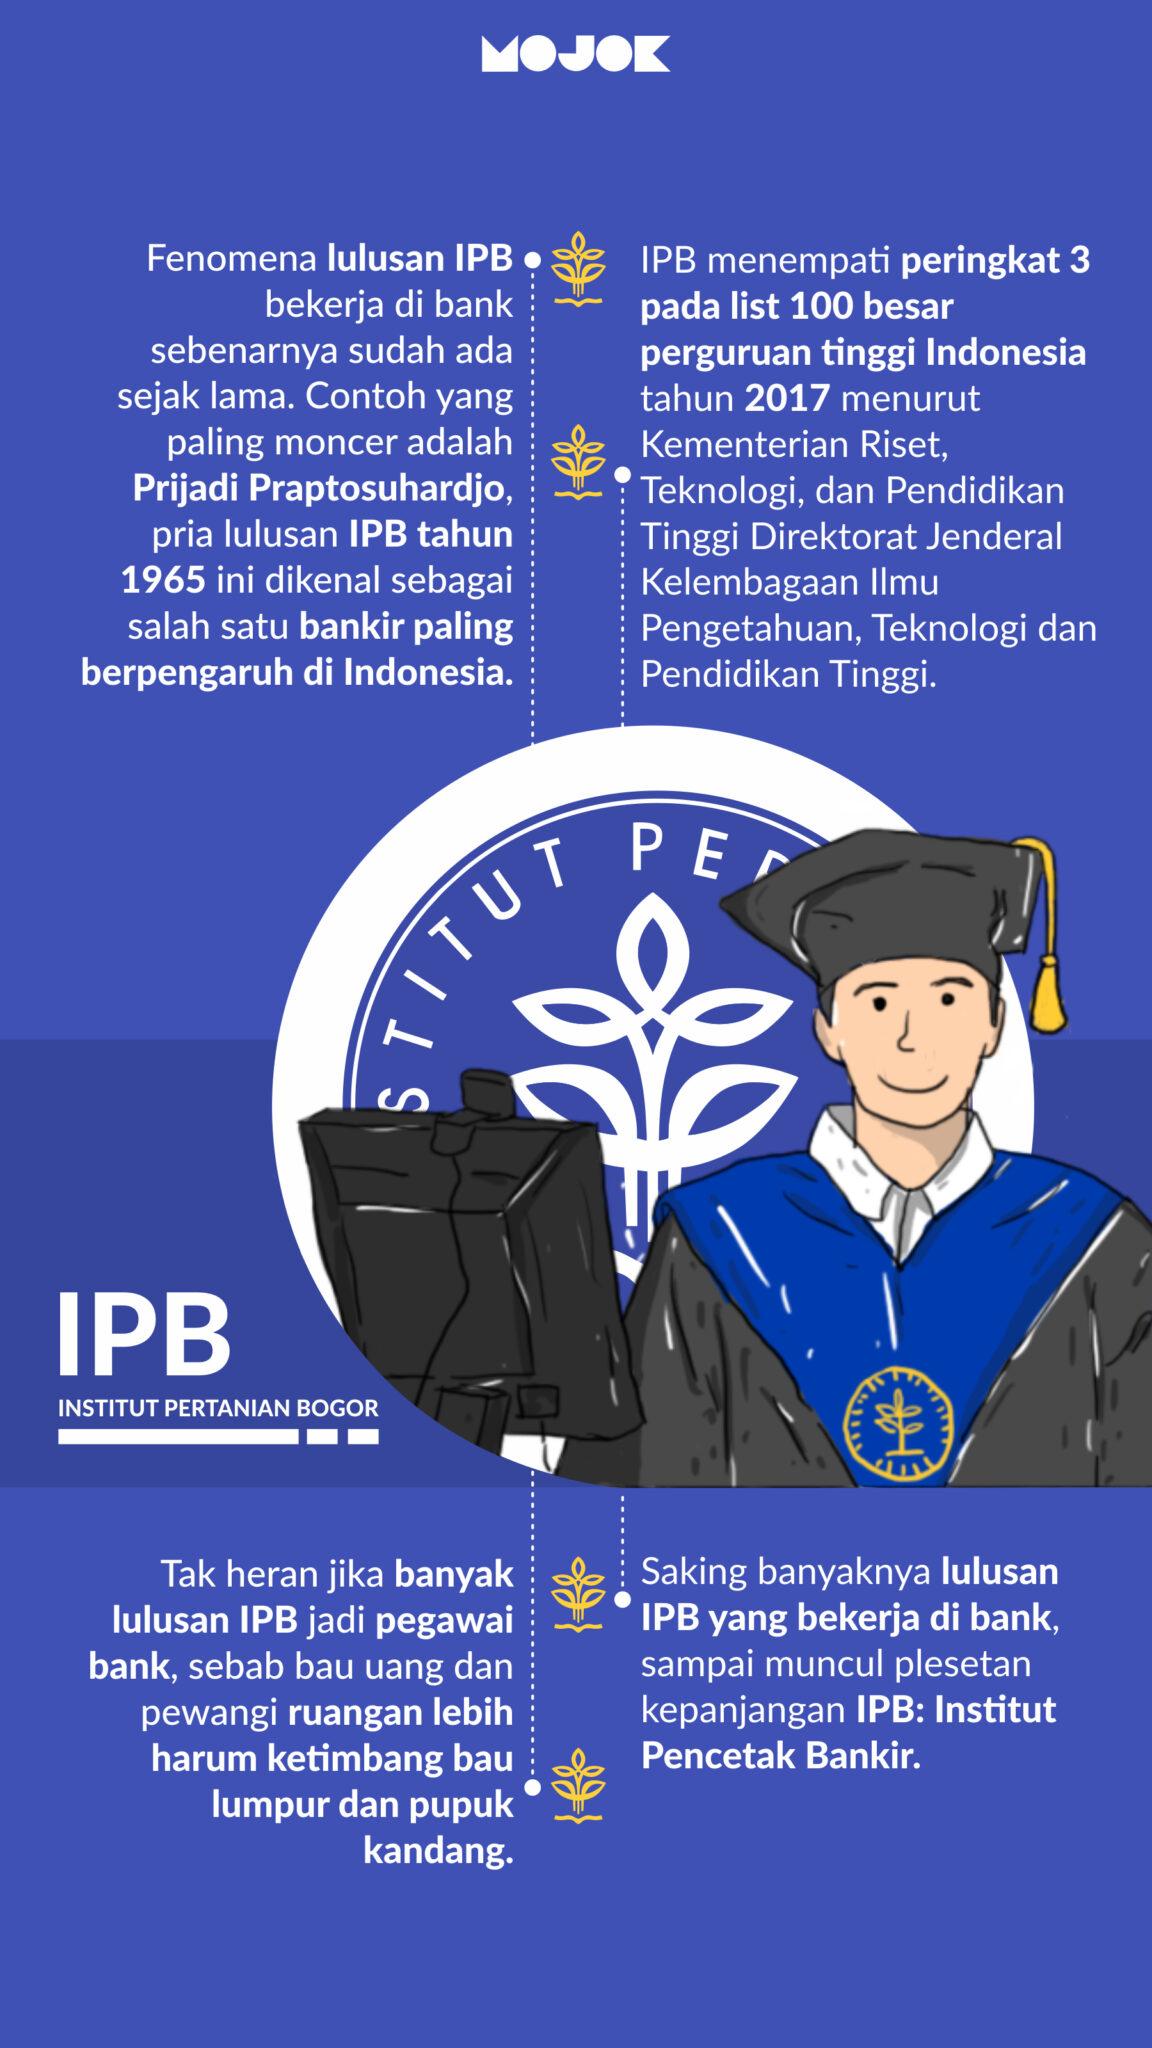 lulusan ipb